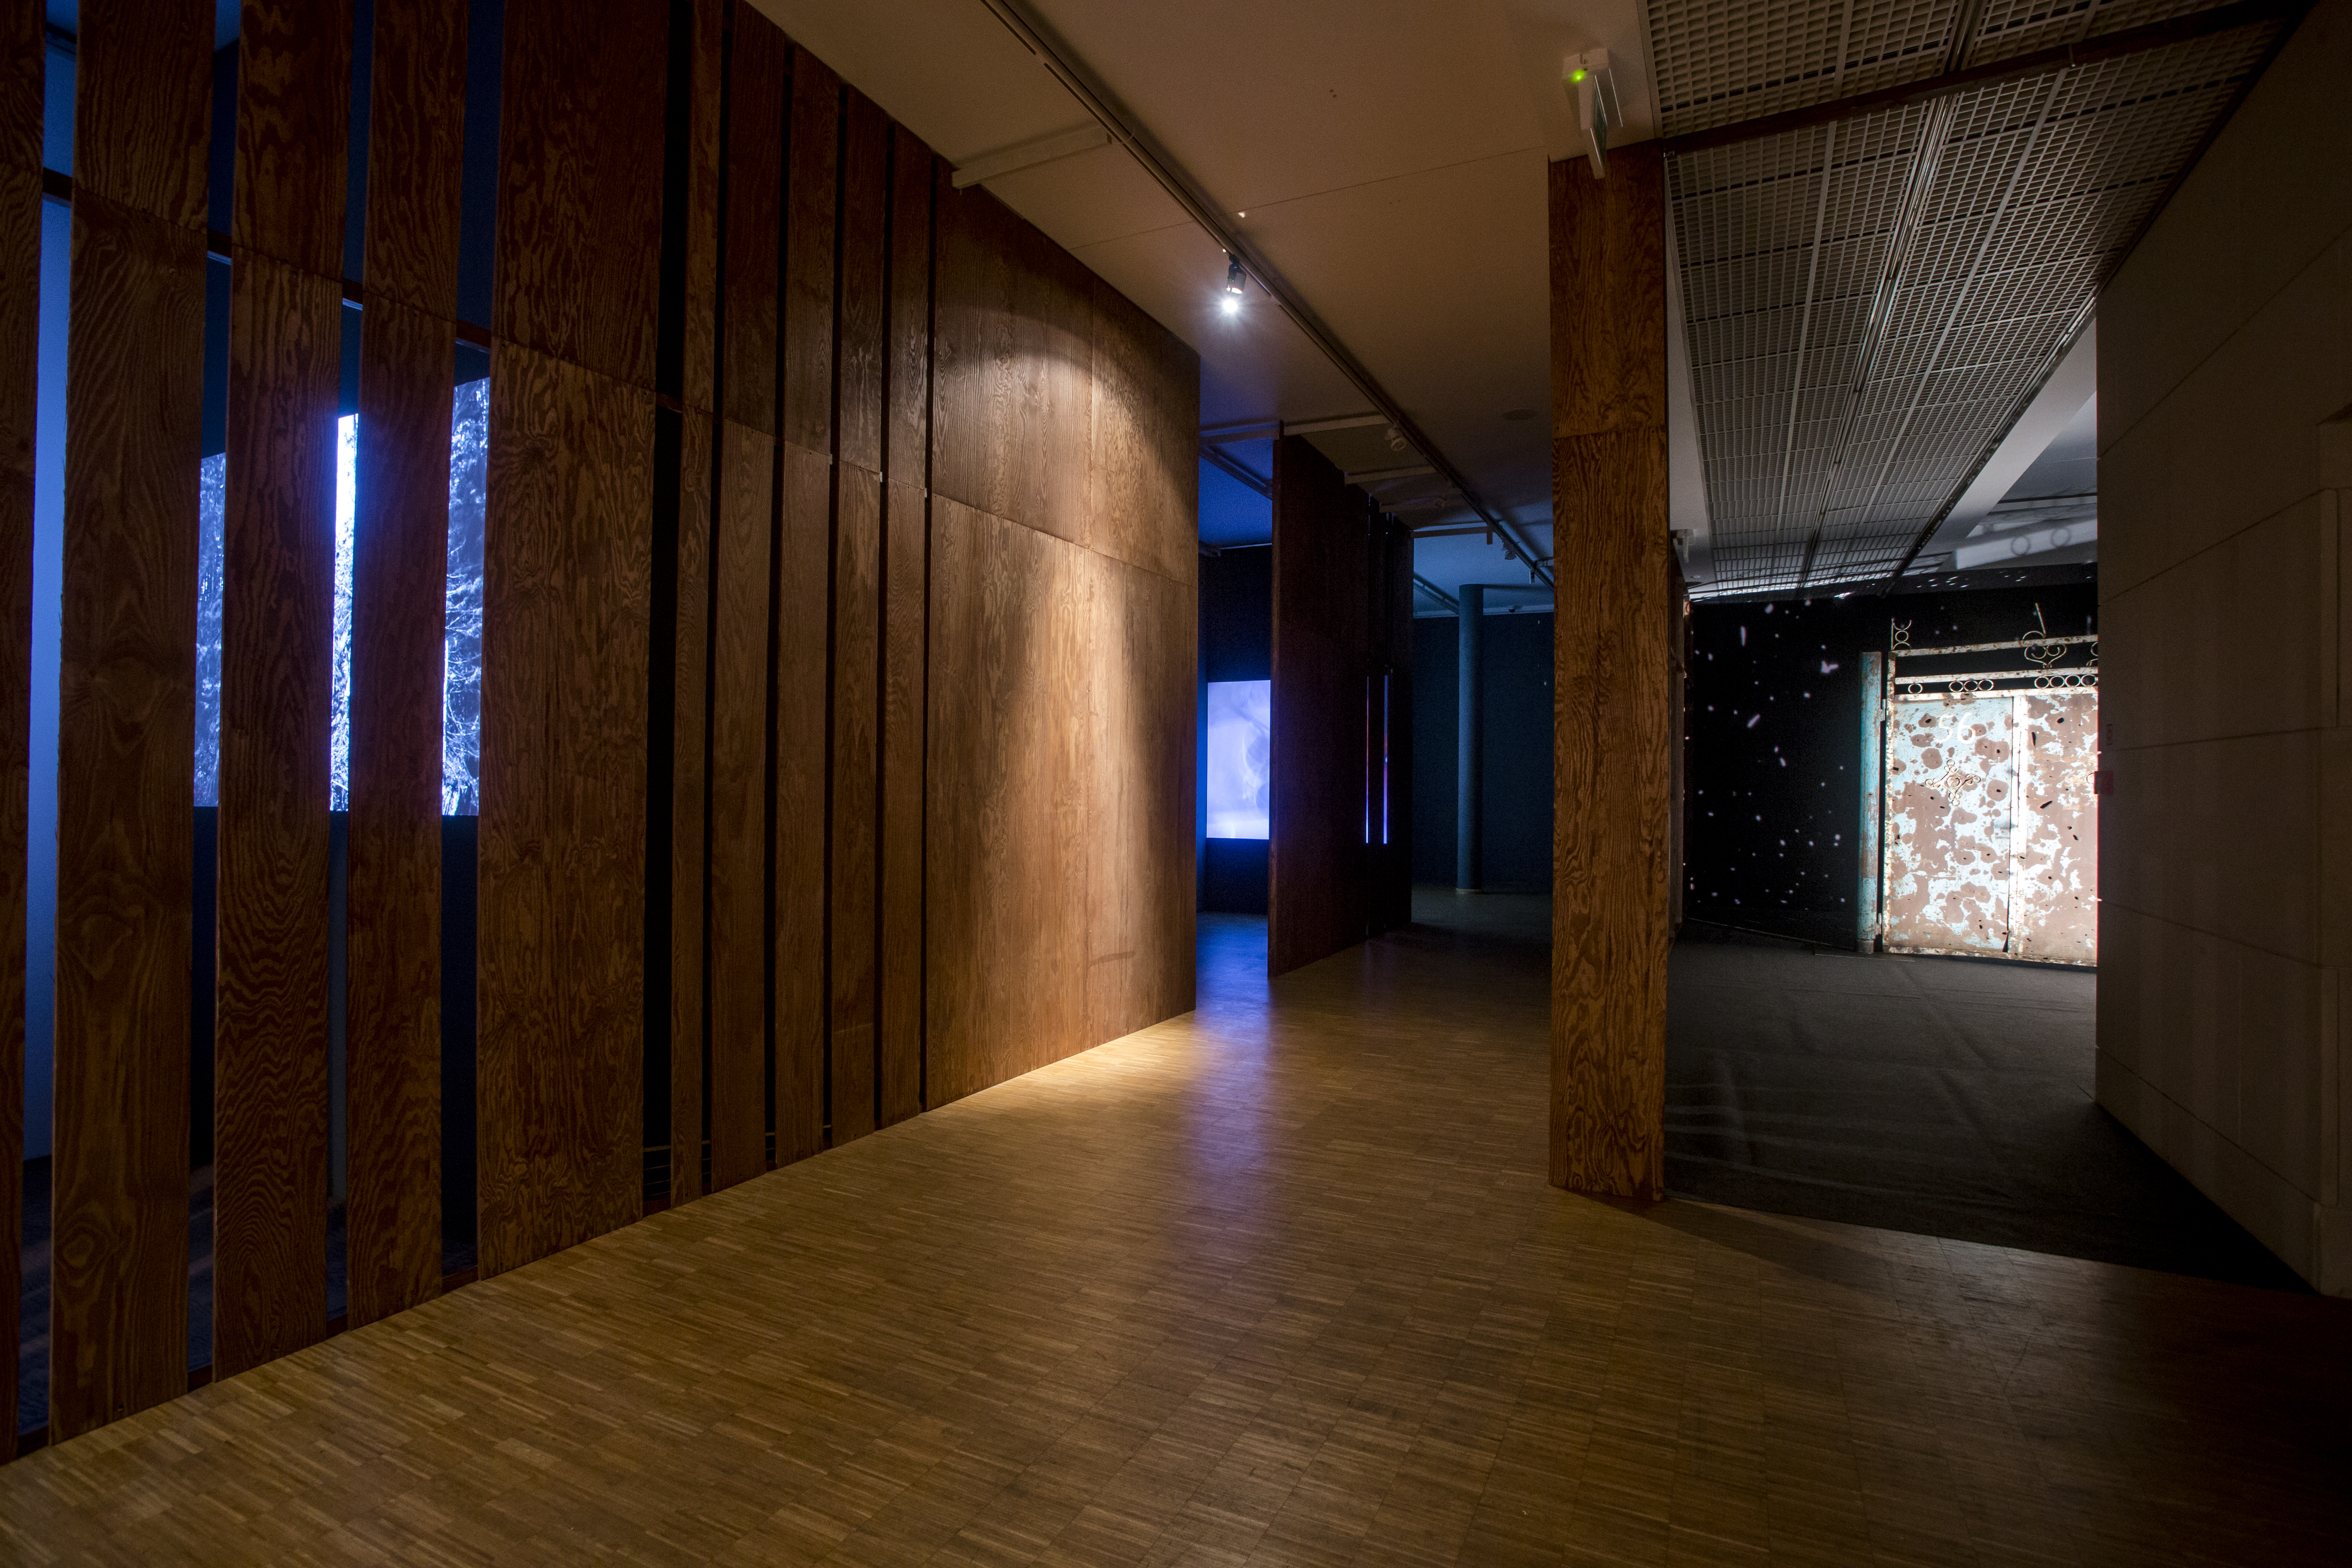 Wystawa Austeria, BWA SOKÓŁ, widok ogólny